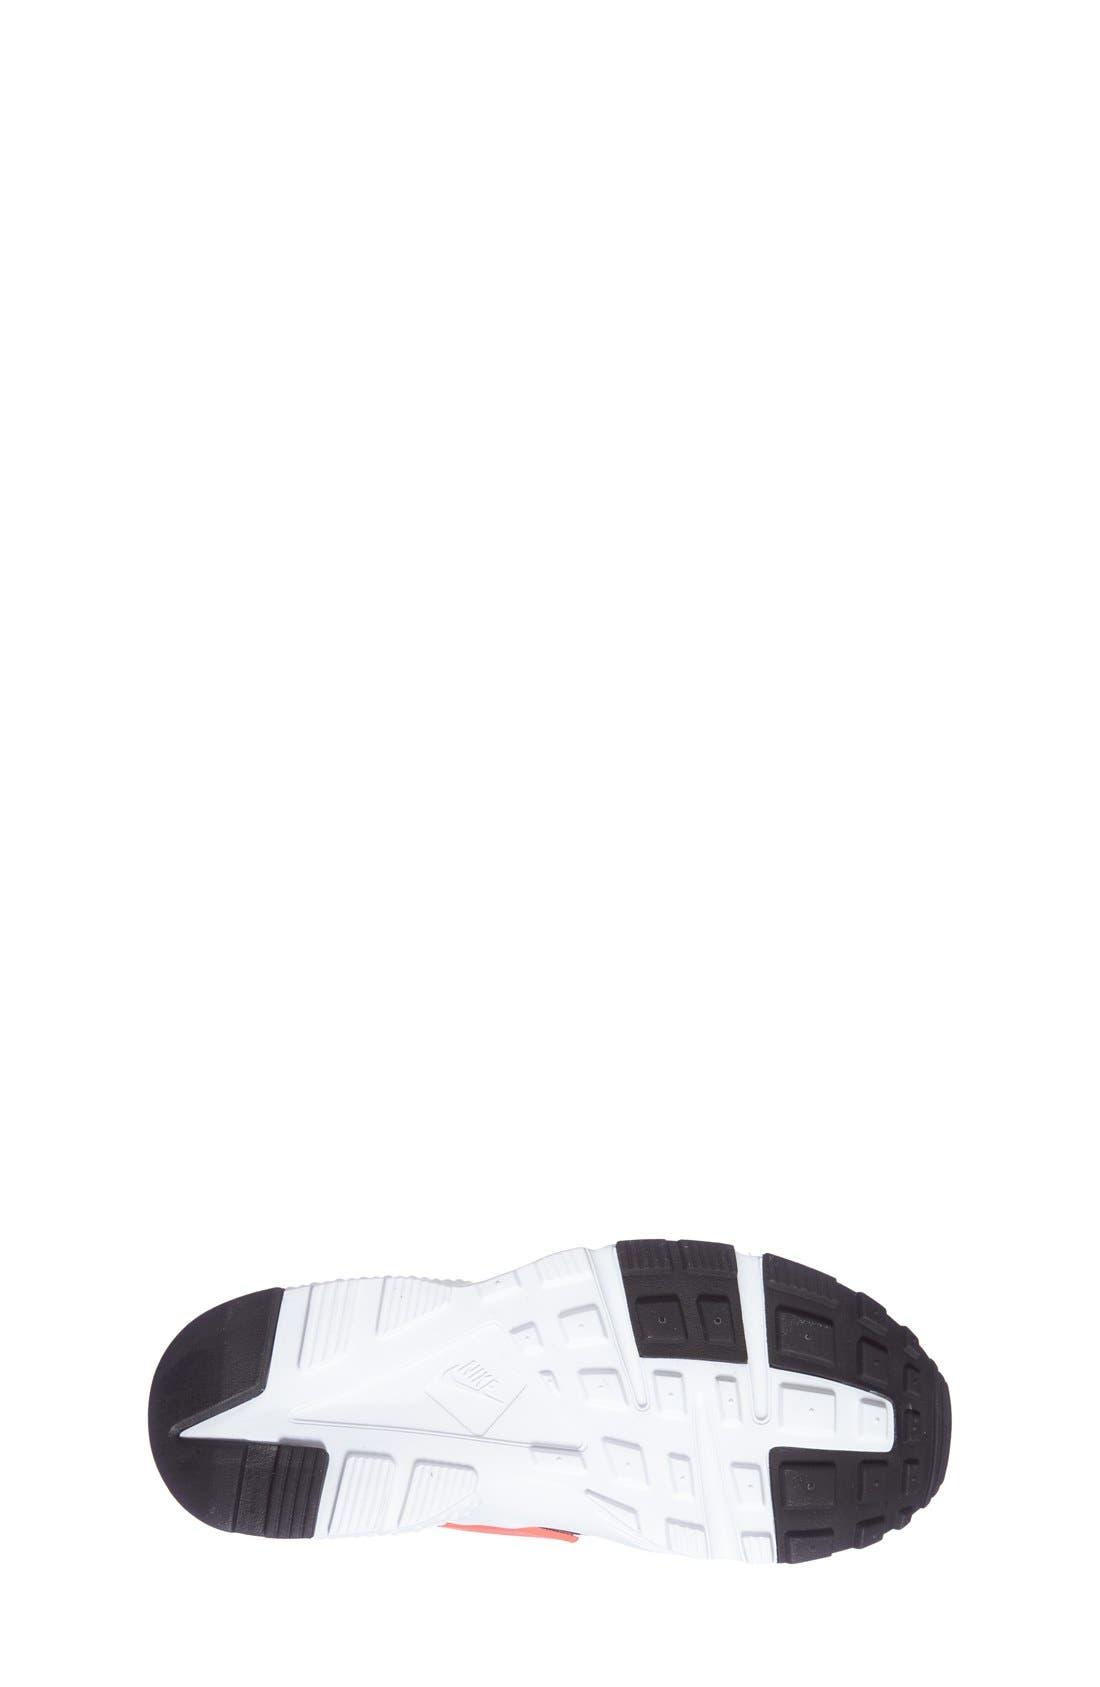 NIKE,                             'Huarache' Sneaker,                             Alternate thumbnail 2, color,                             010